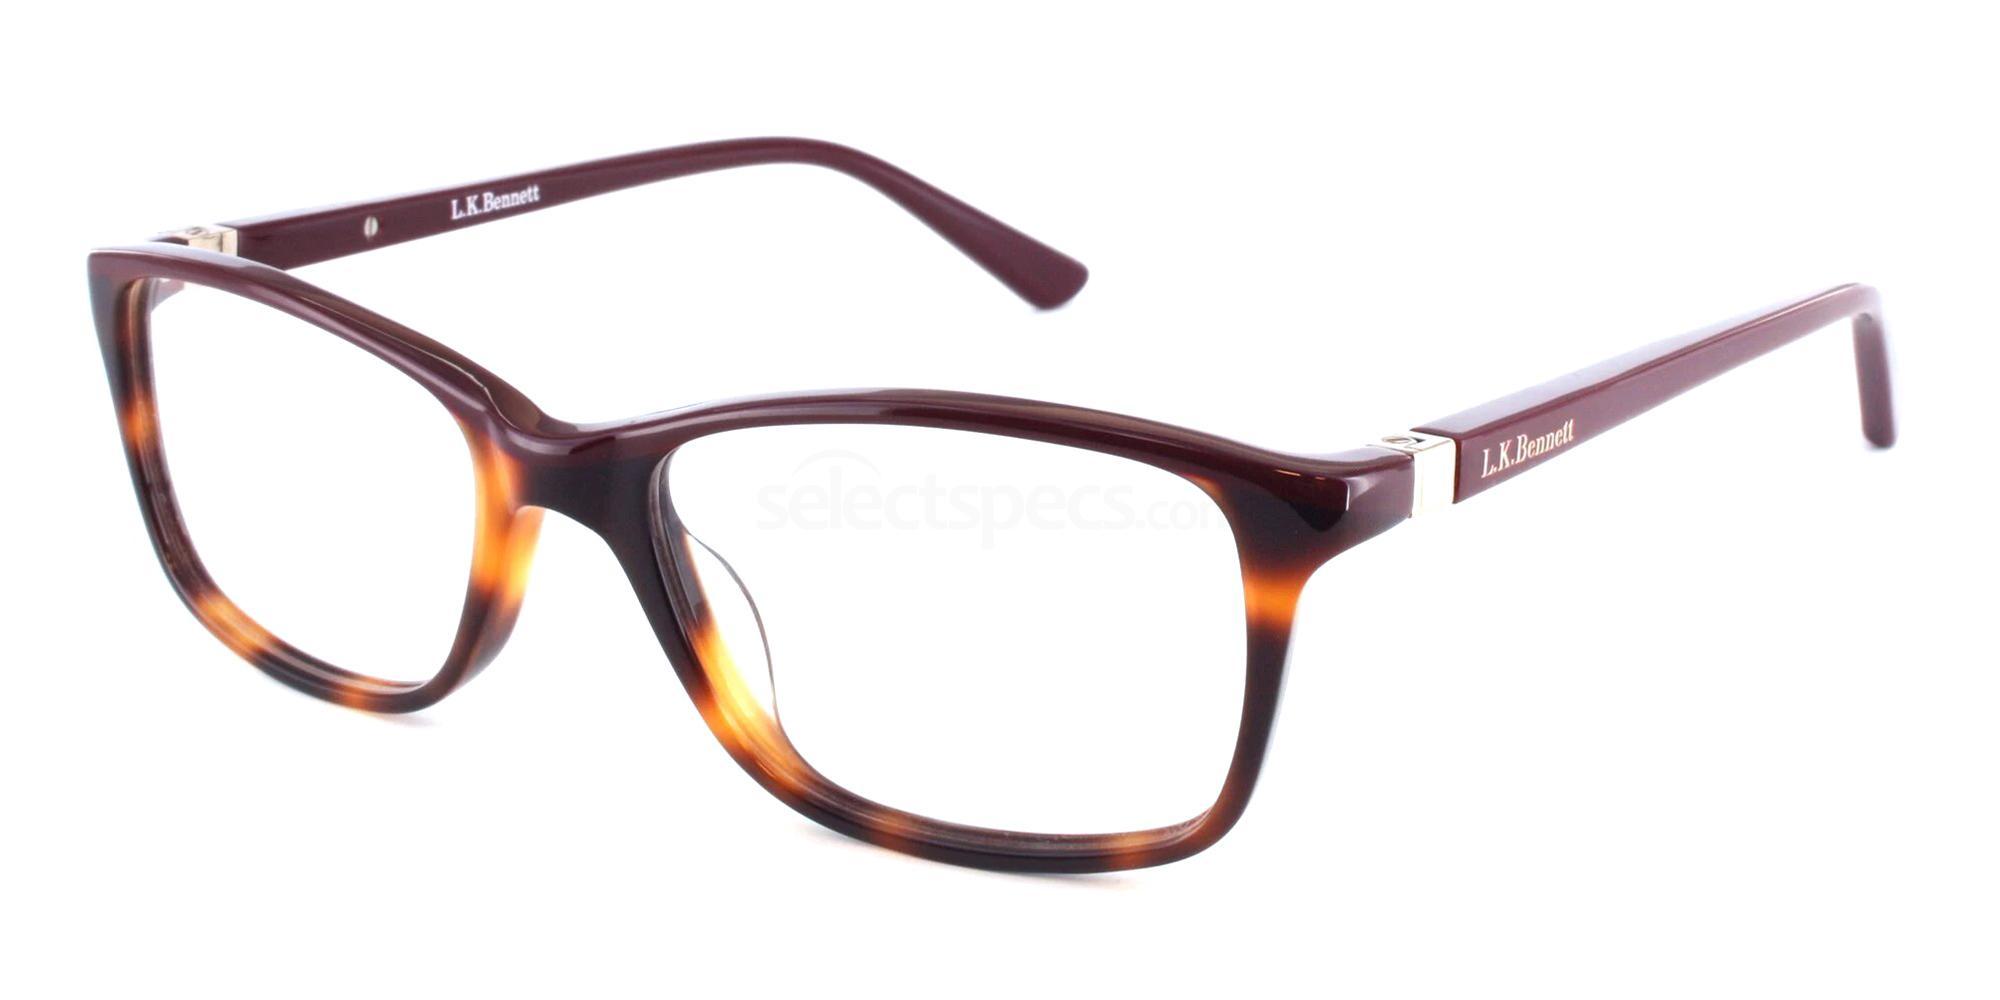 C.1 LKB015 Glasses, L.K.Bennett